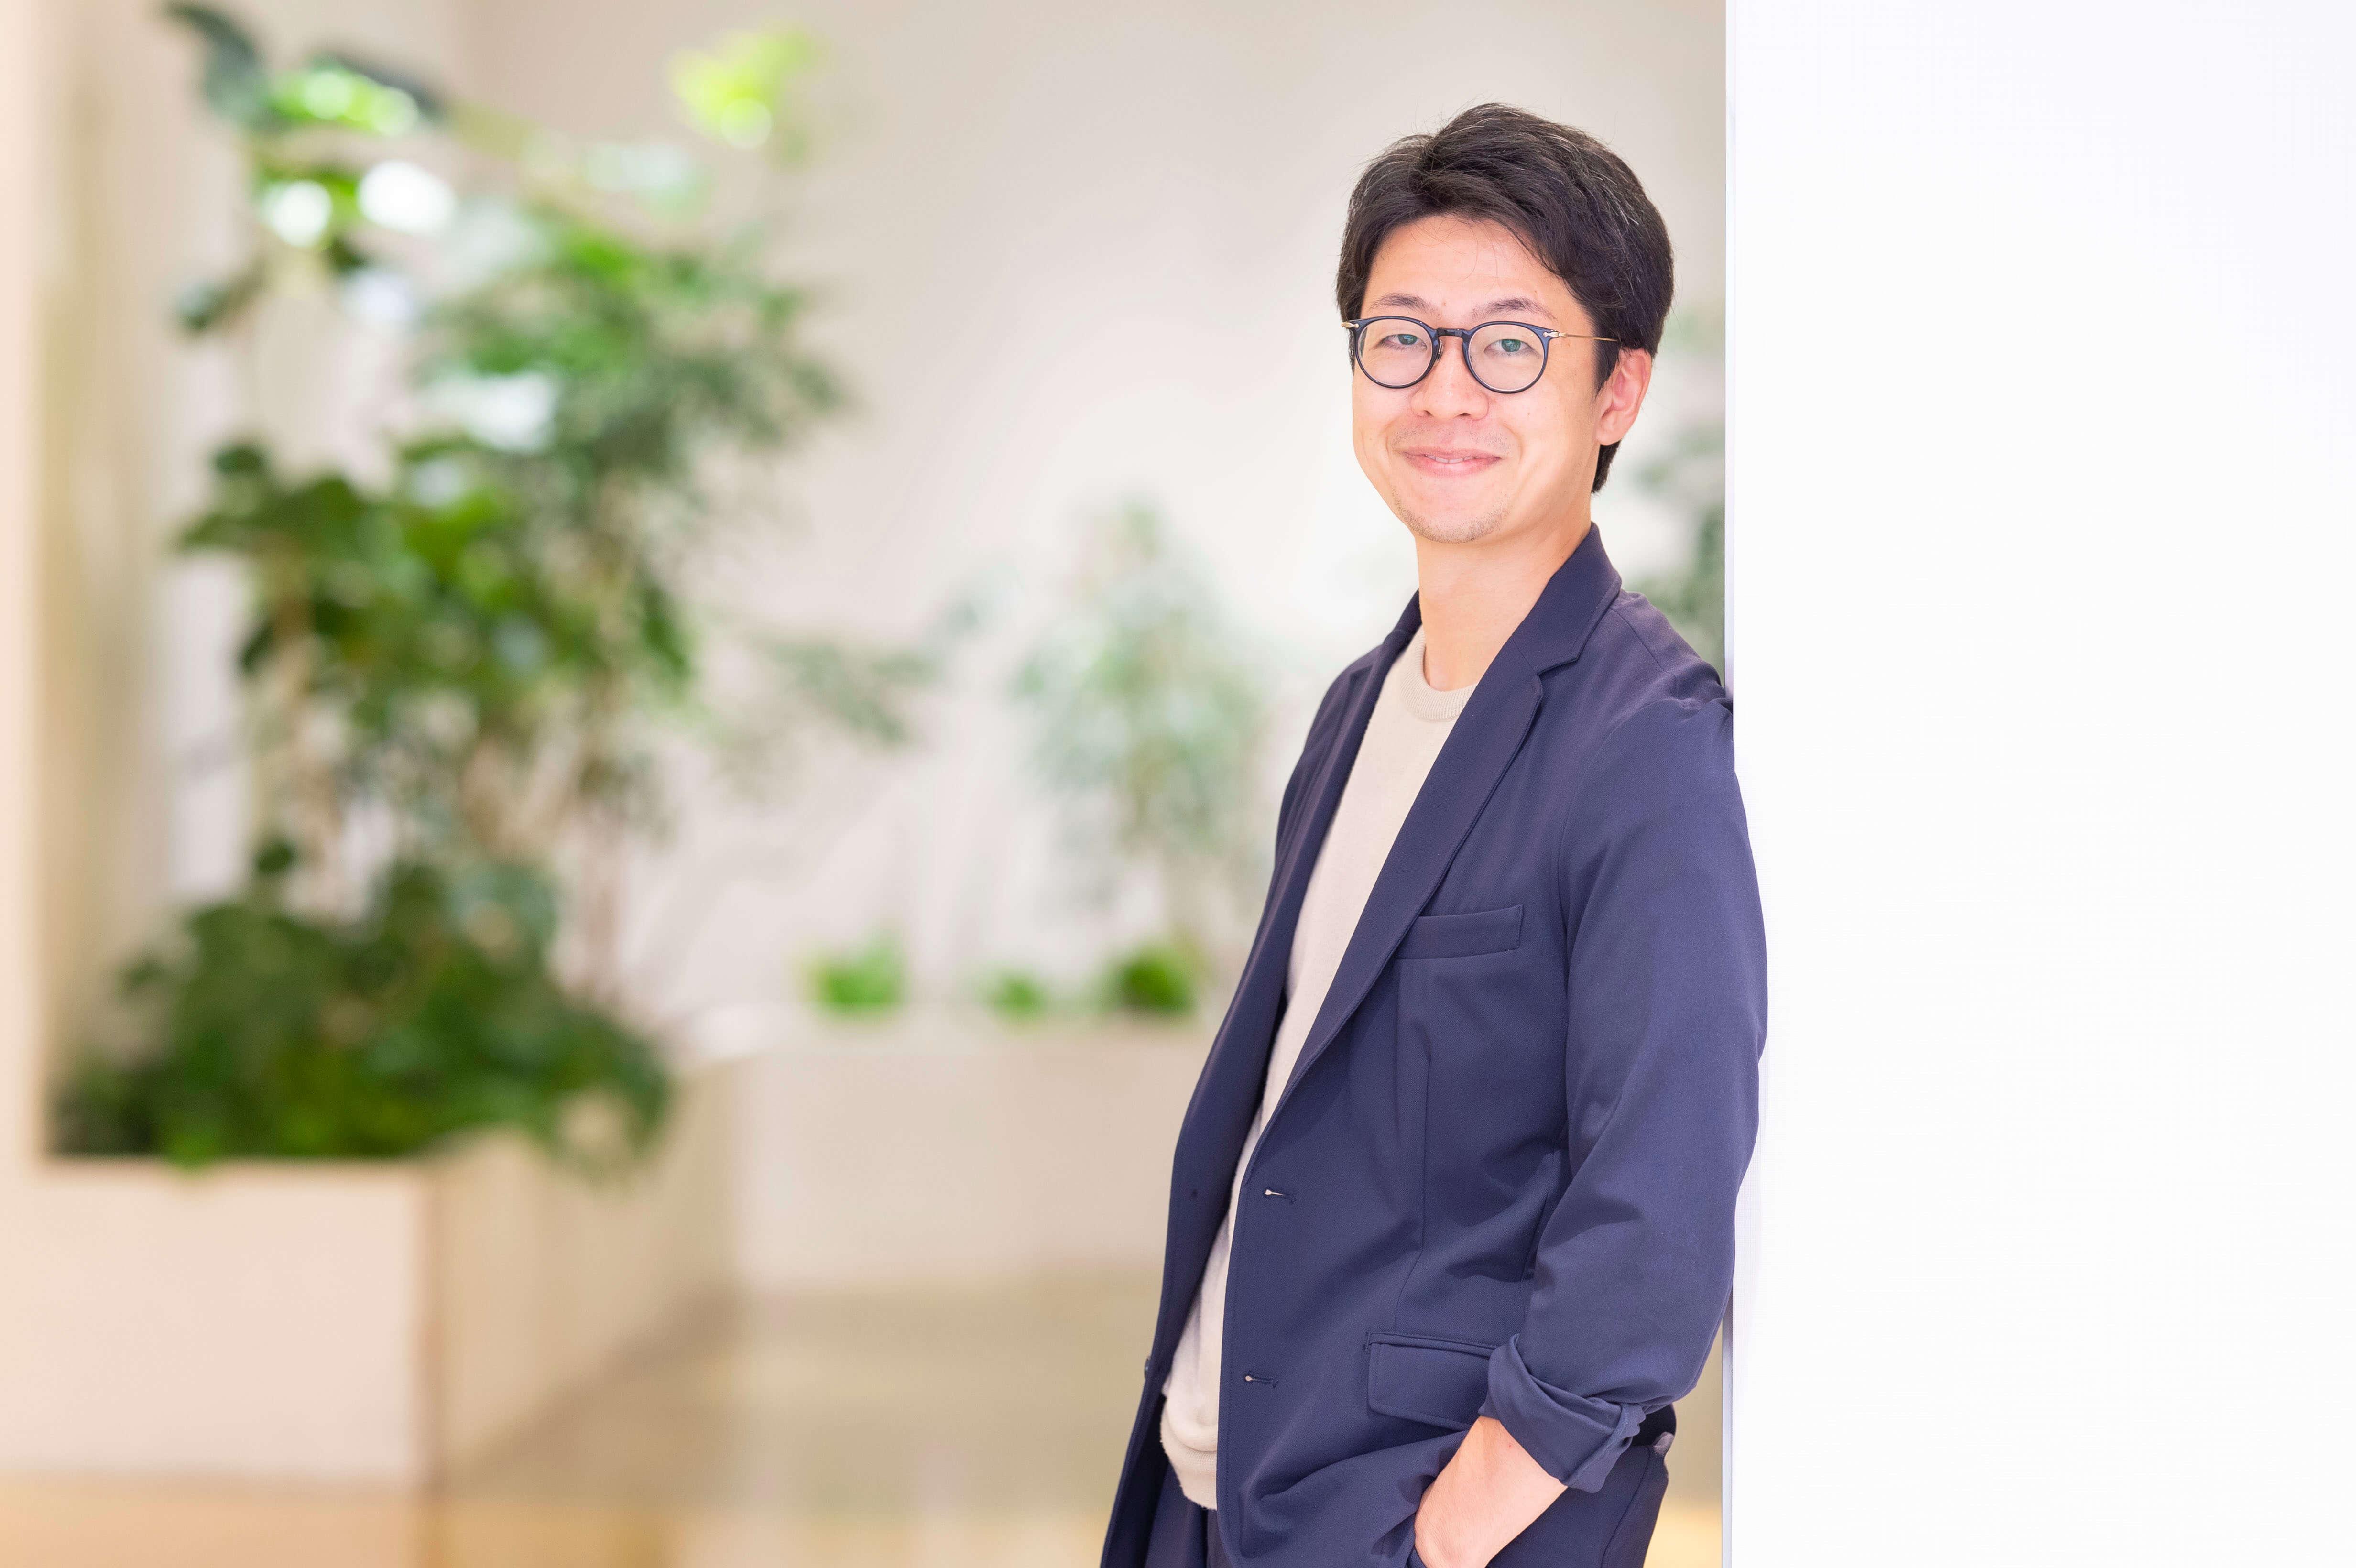 COO候補|20代女性起業家率いるD2Cスタートアップを牽引するキーマンを募集!のカバー写真